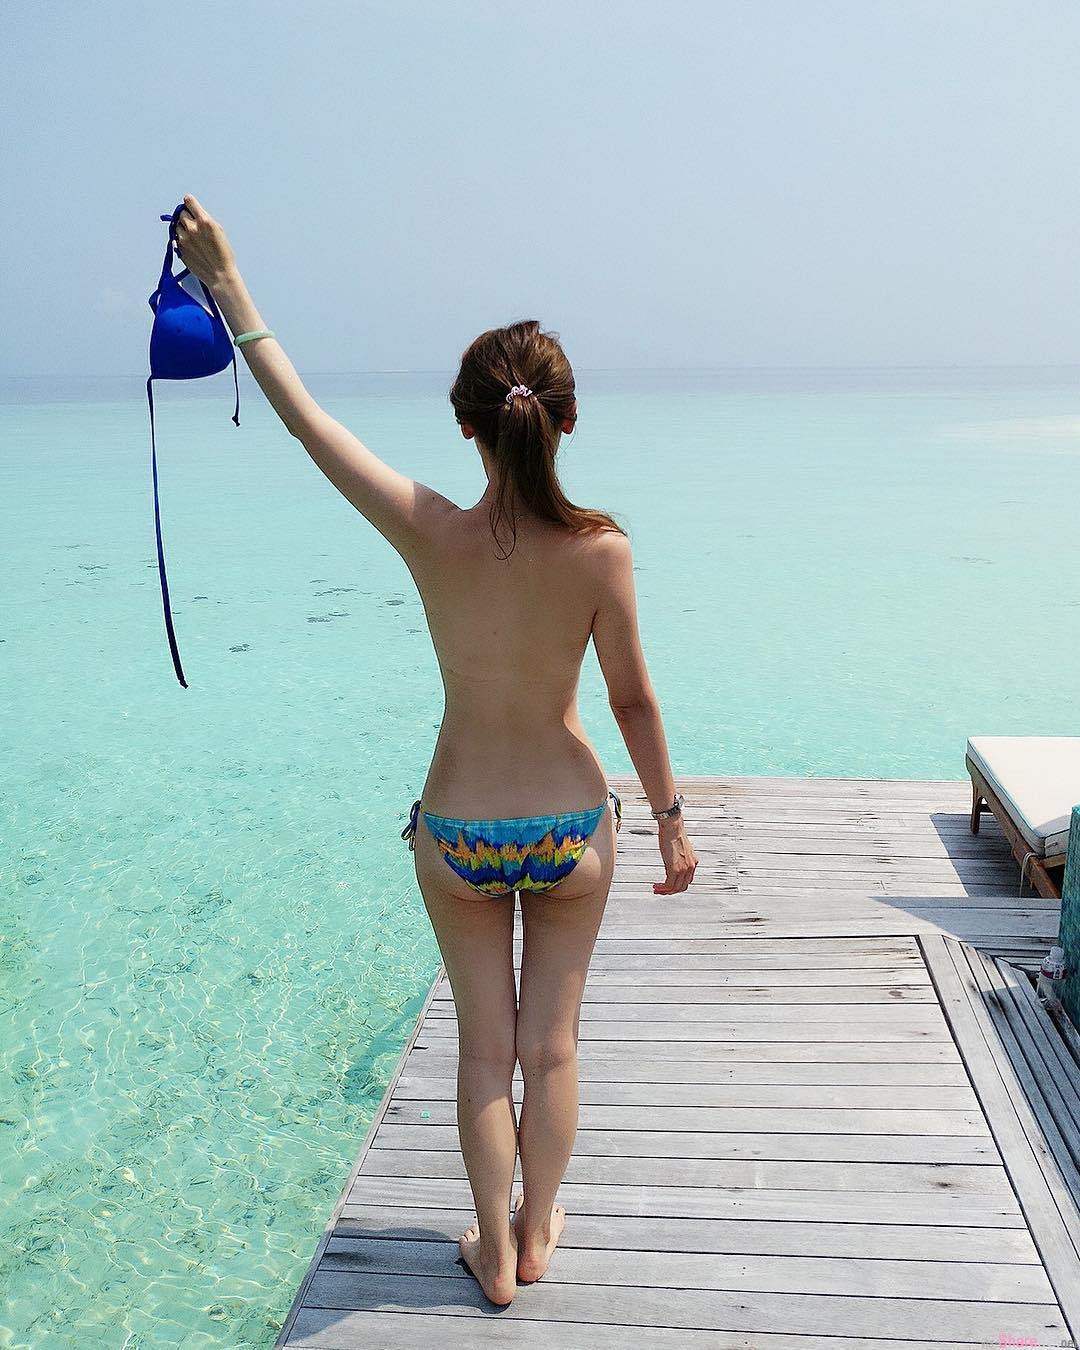 正妹人妻马尔代夫大解放,大海前脱掉比基尼